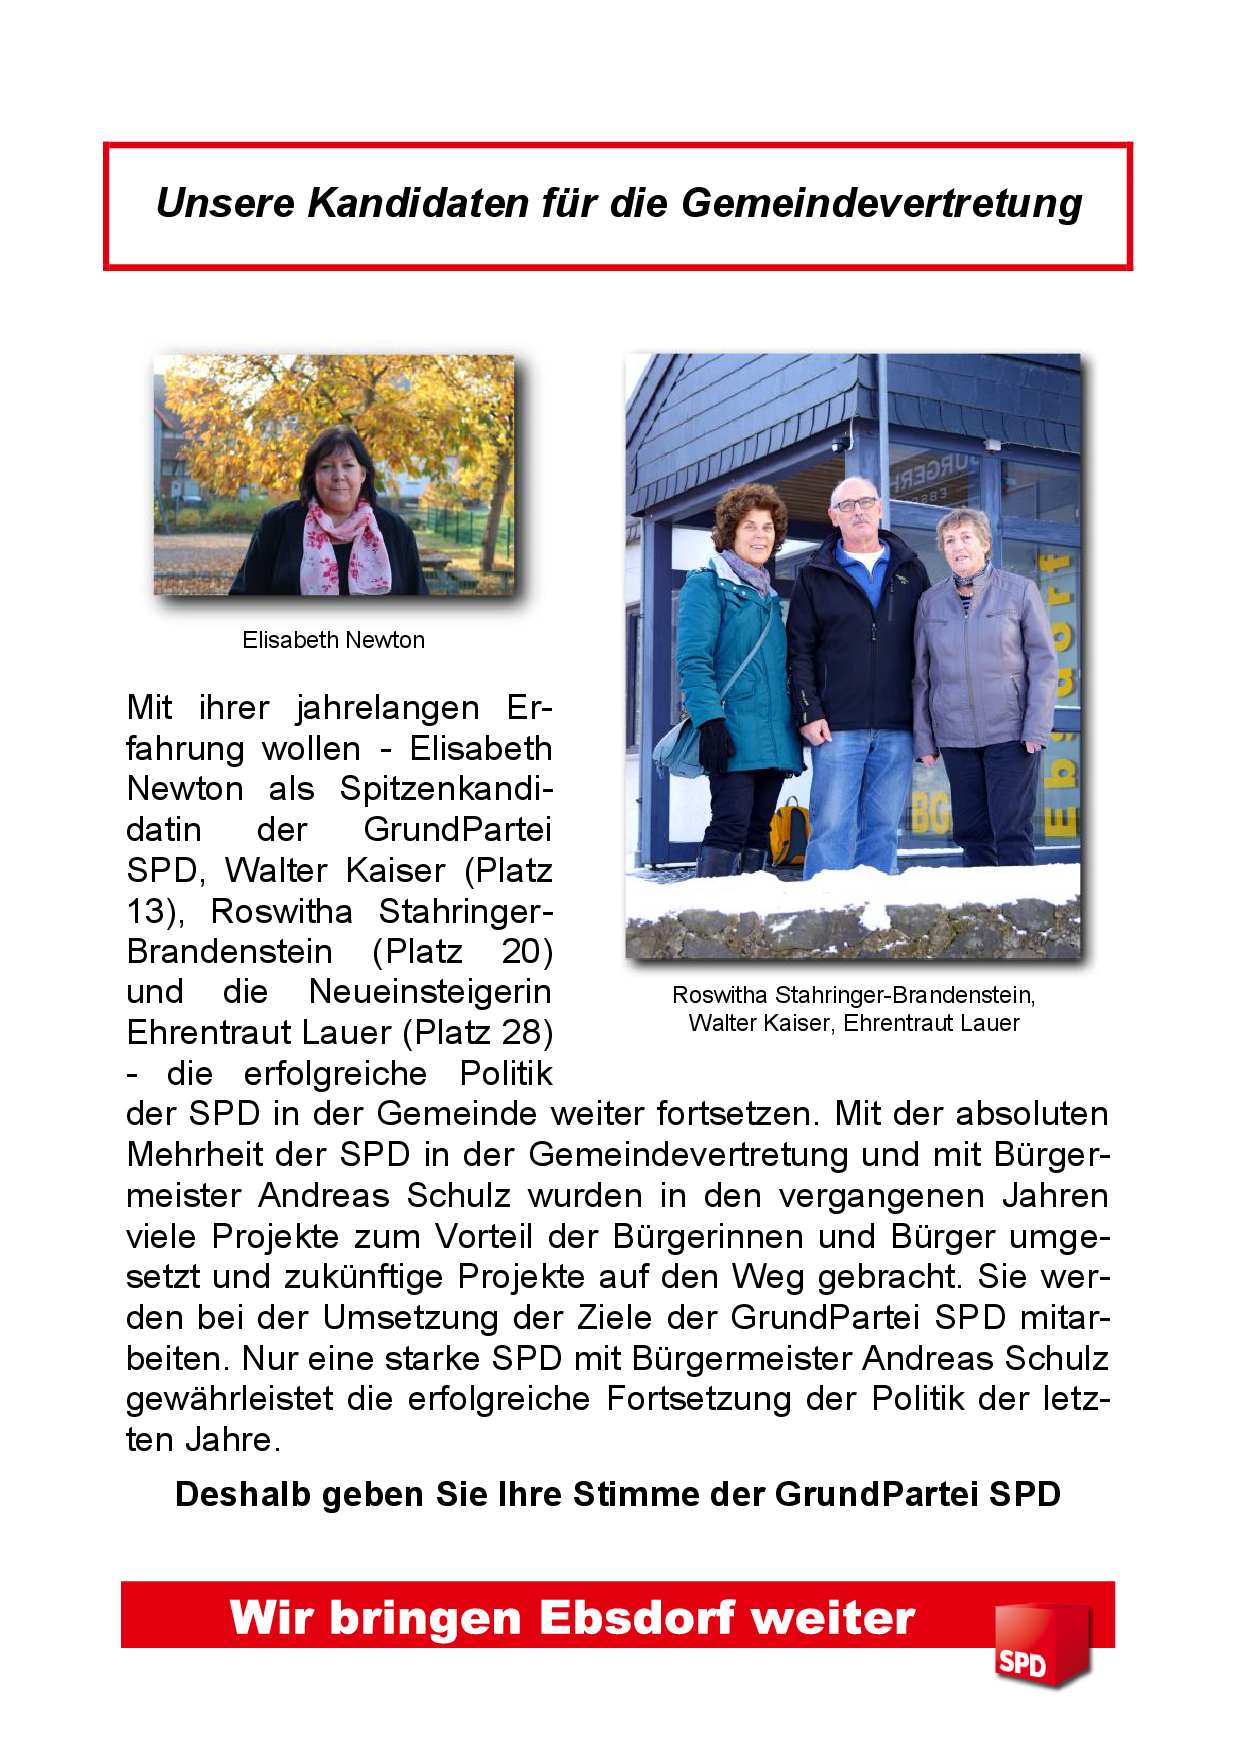 SPD_Kommunalwahl_2016_6